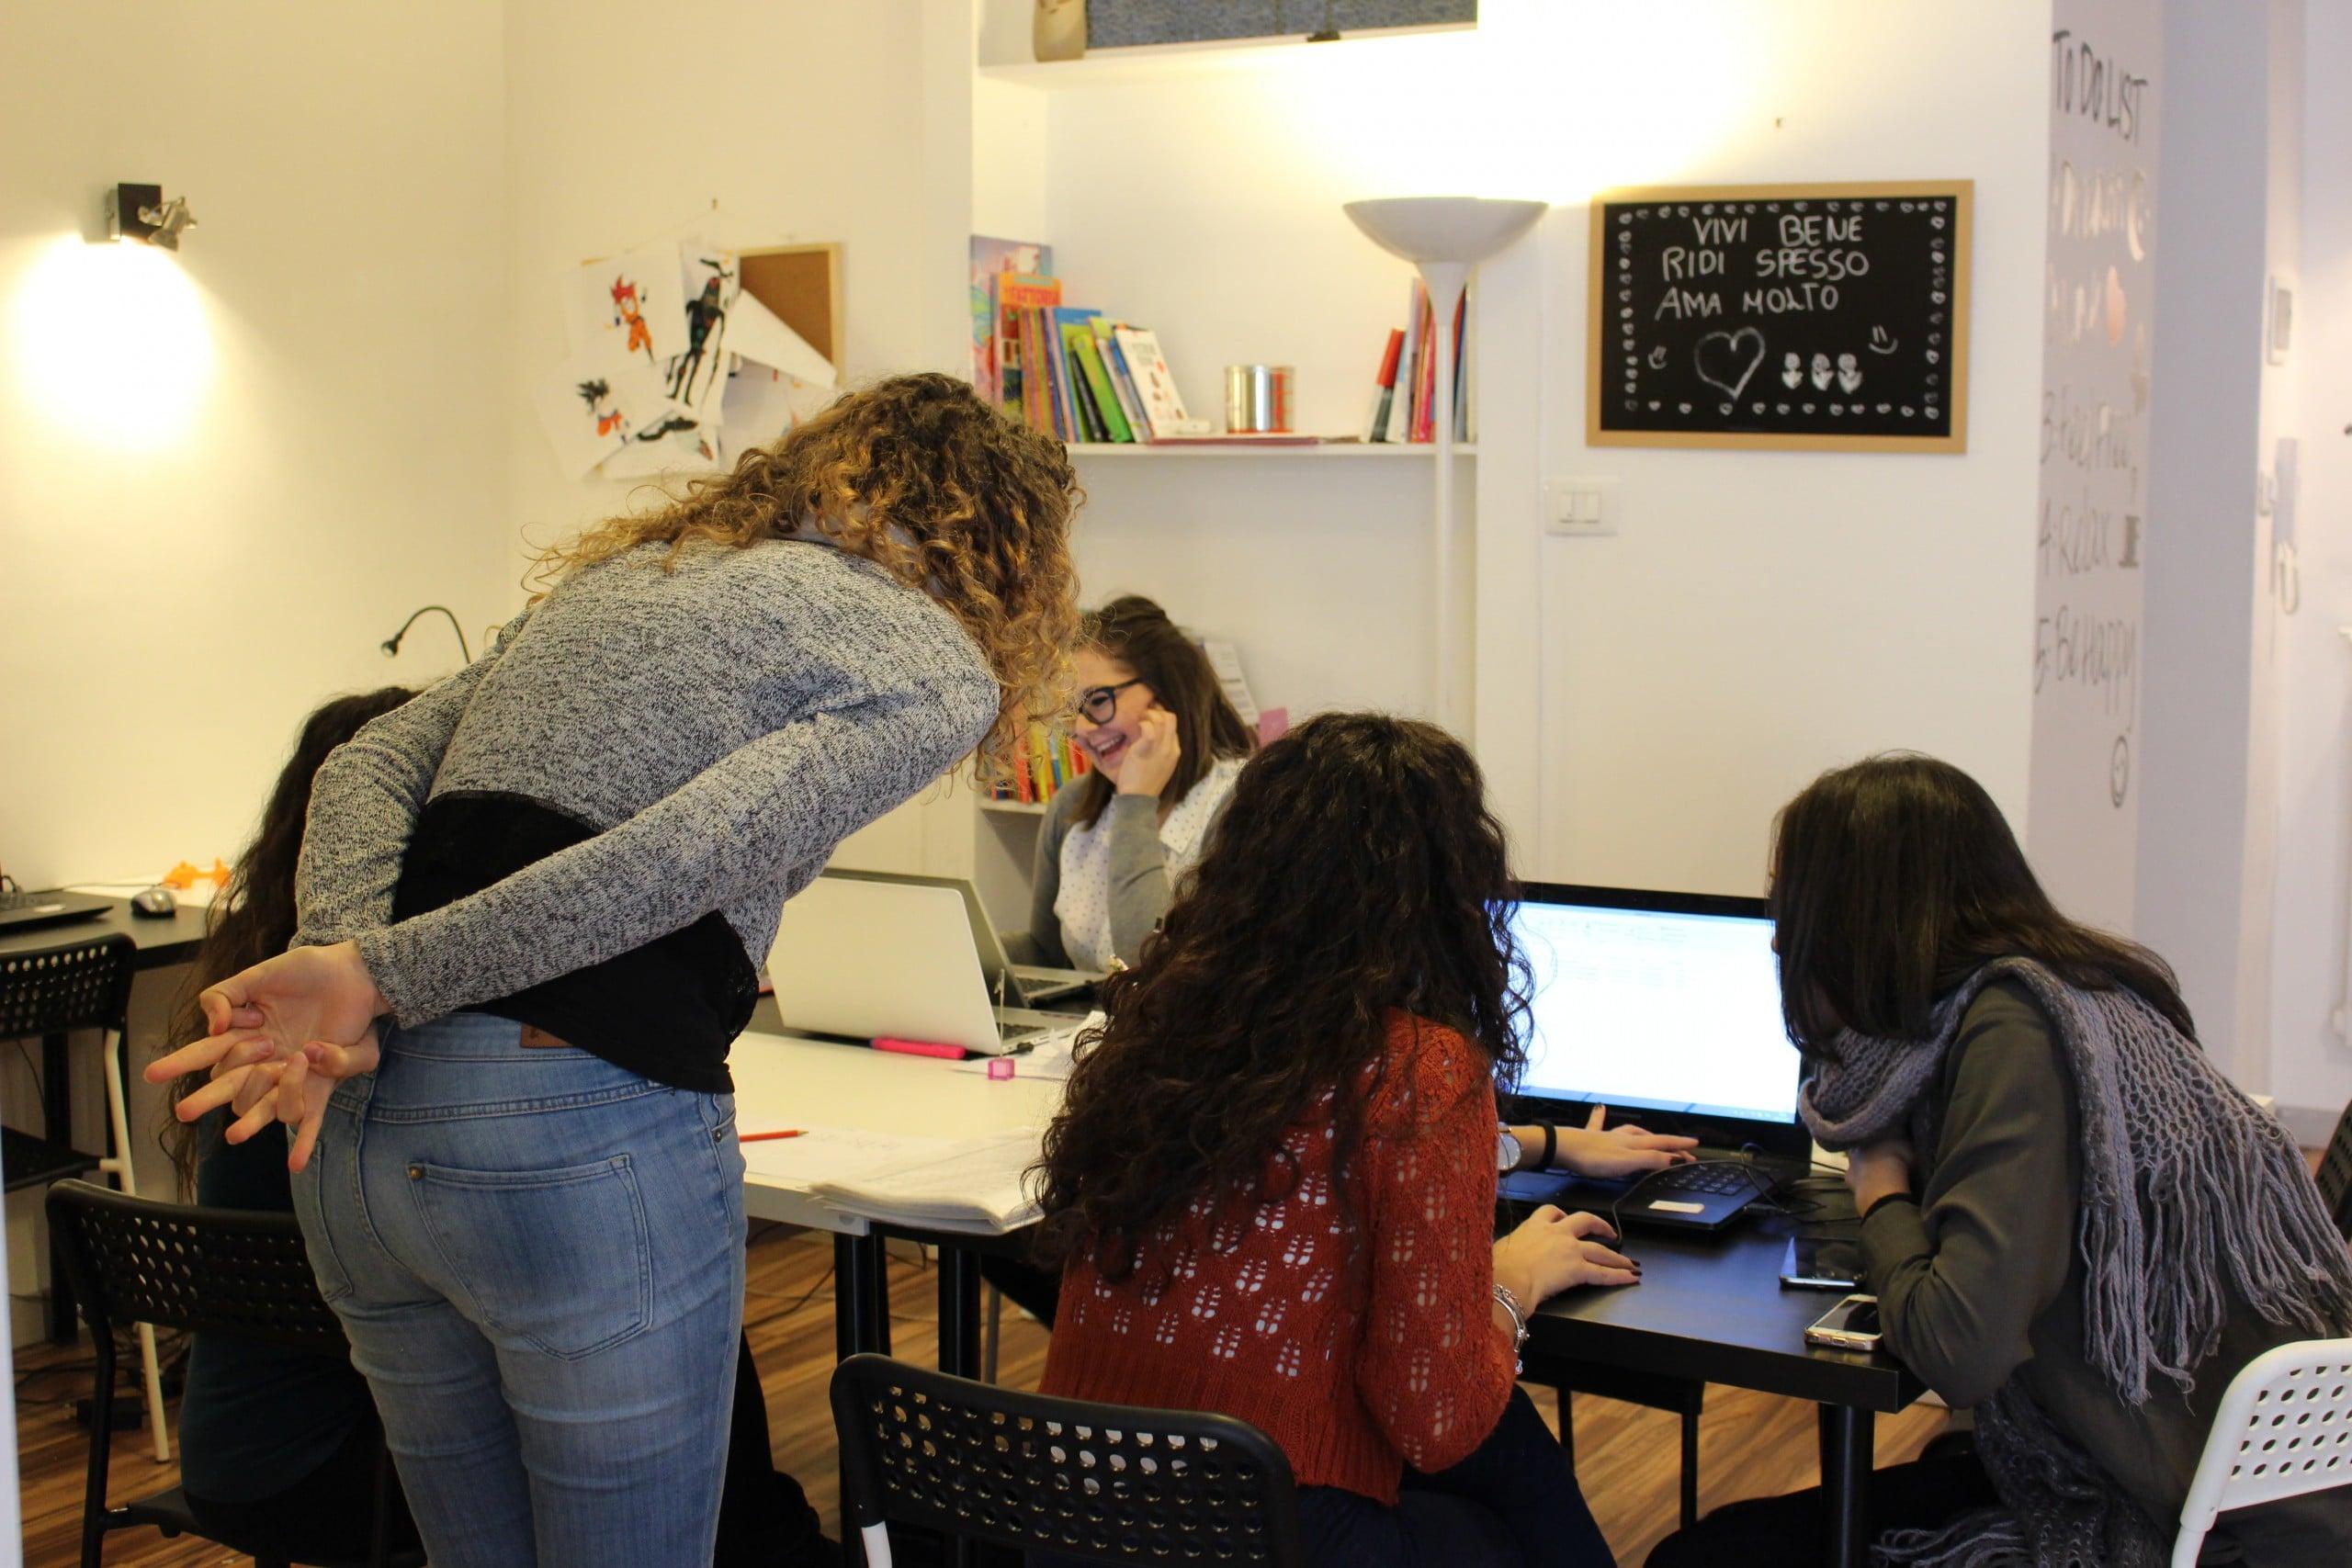 Corsi disturbi dell'apprendimento a Palermo